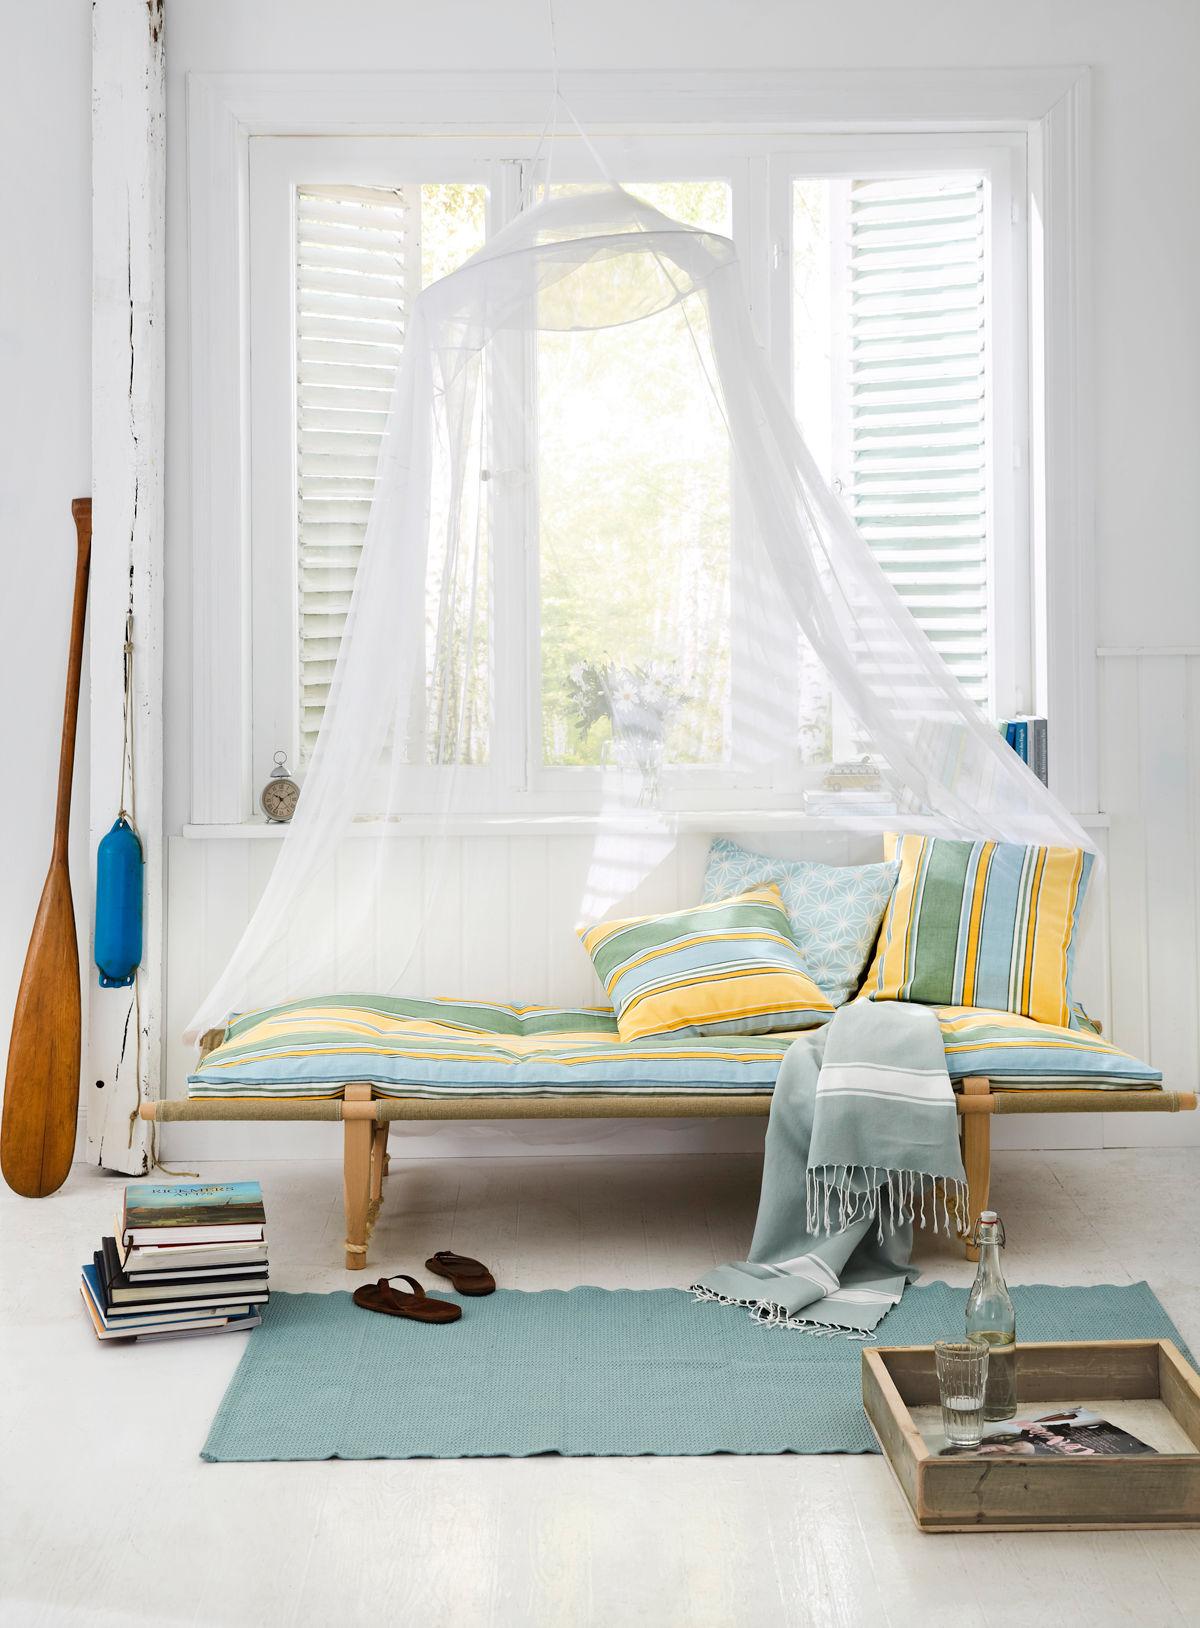 Anleitung streifenkissen und auflage zuhause wohnen for Wohnen und ideen